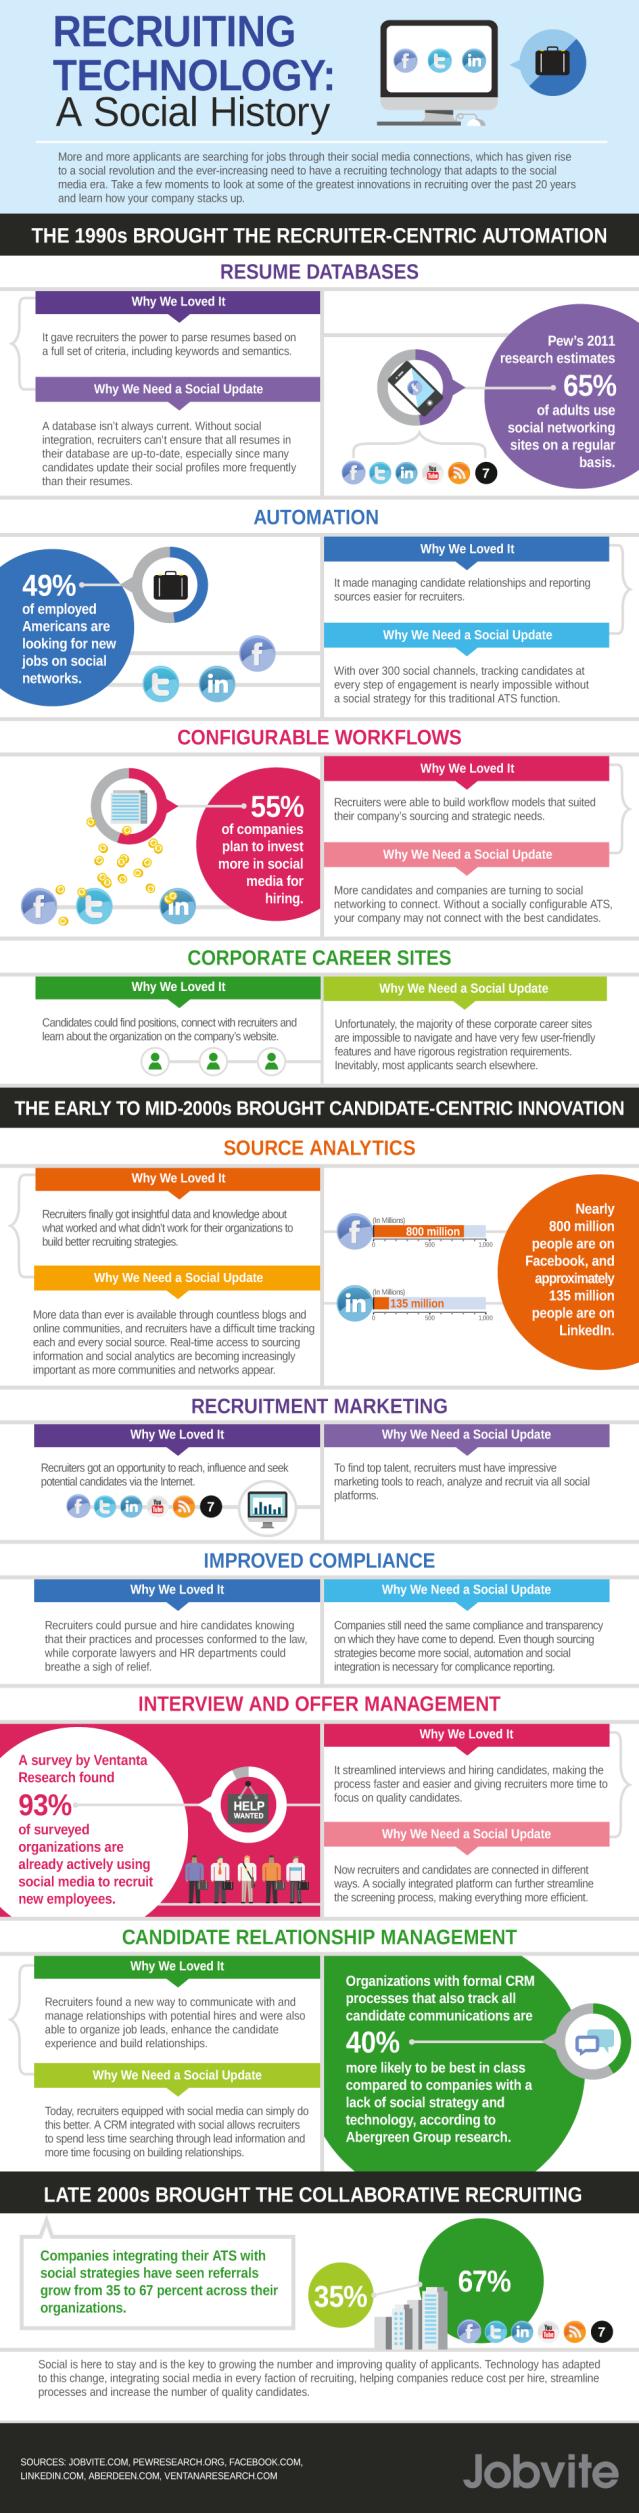 RecruitingTechnology_972